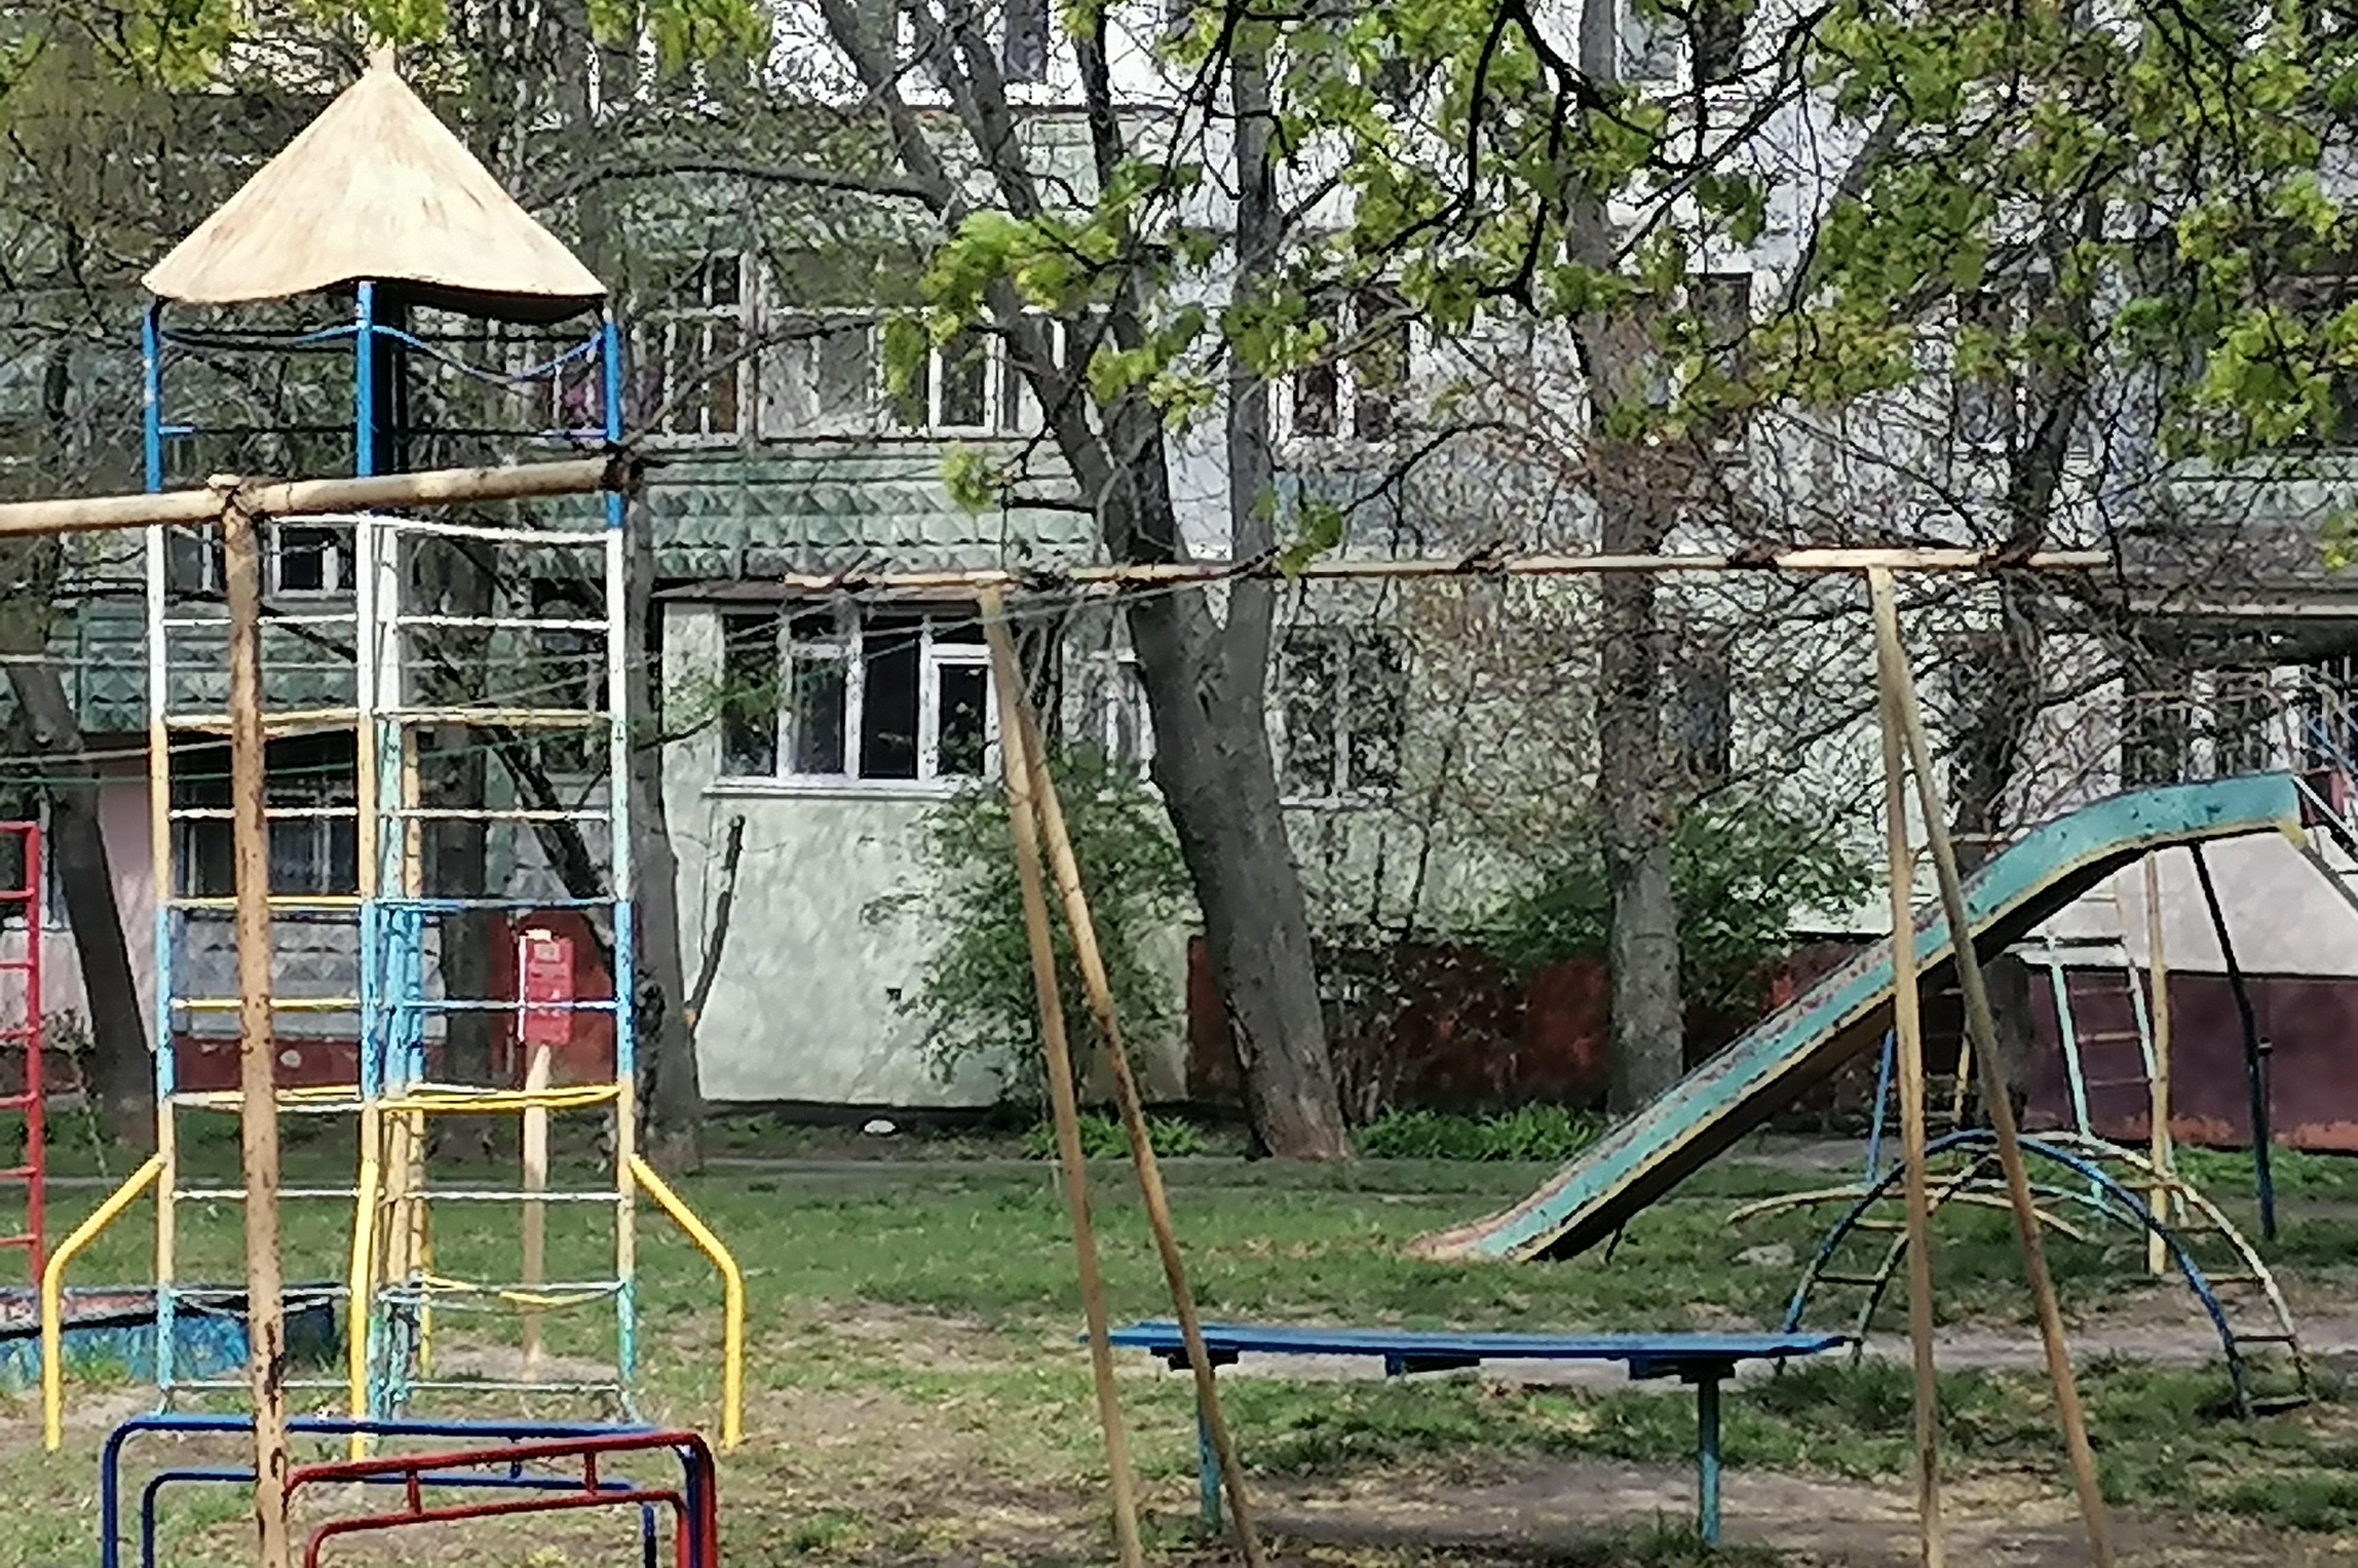 Чи готові дитячі майданчики та атракціони обласного центру до безпечної експлуатації